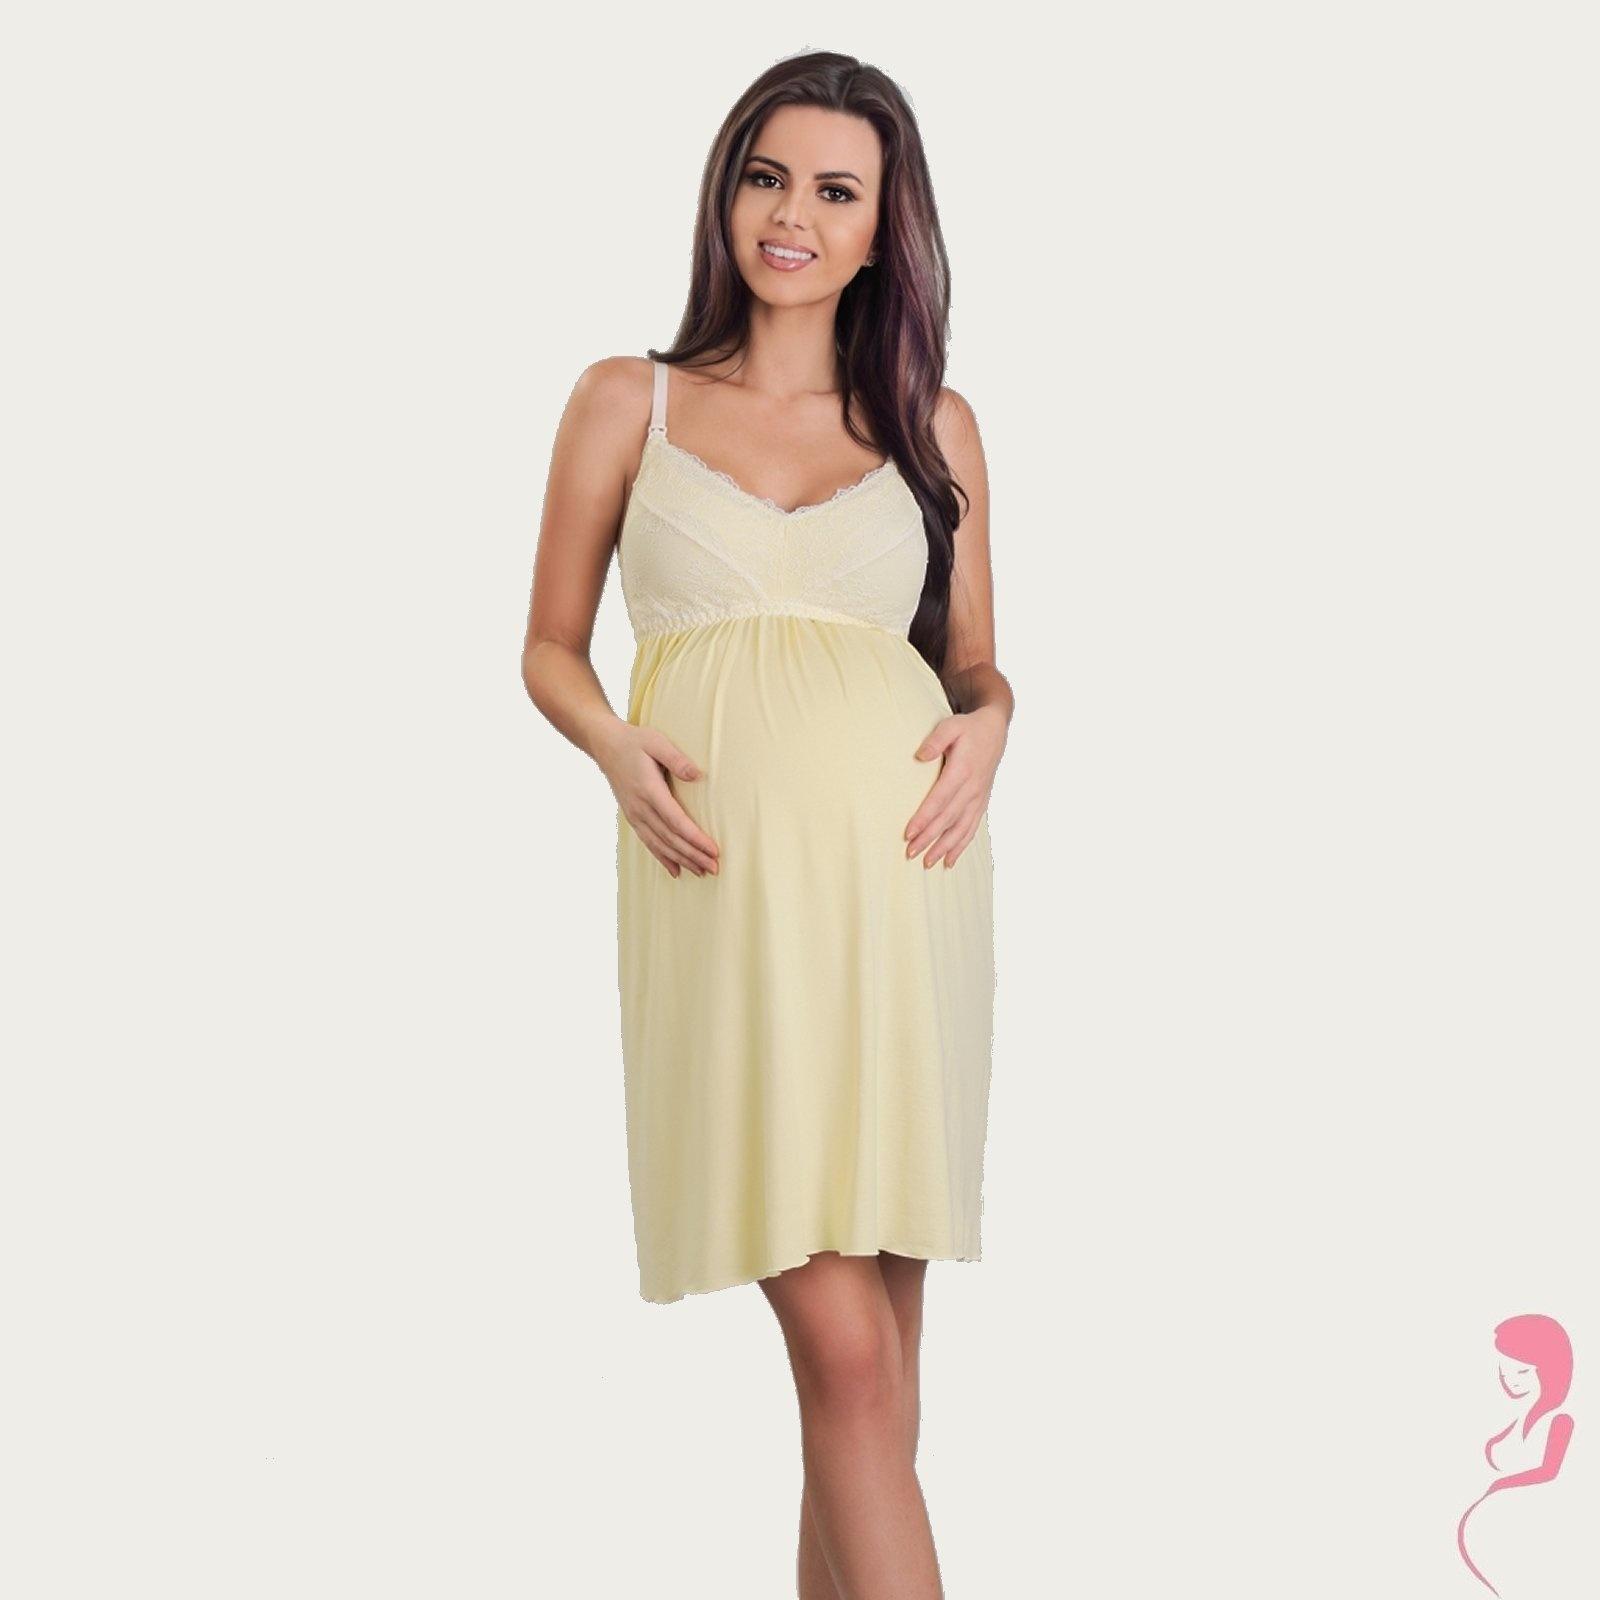 Lupoline Zwangerschapsjurk - Voedingsjurk Mellow Yellow